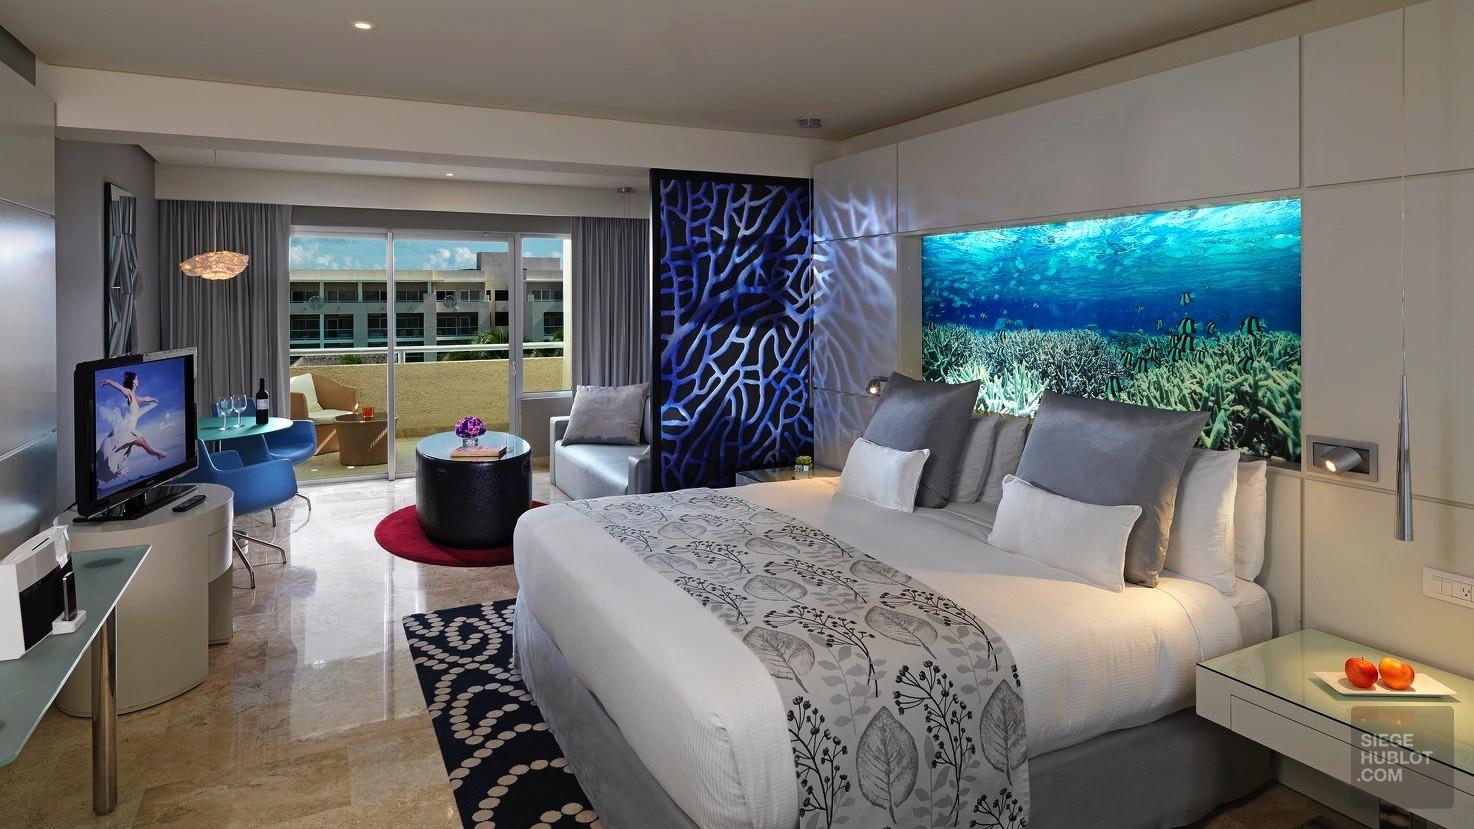 Un hôtel Paradisus à Playa Del Carmen - mexique, hotels, entete-de-categorie, featured, destinations, amerique-du-nord